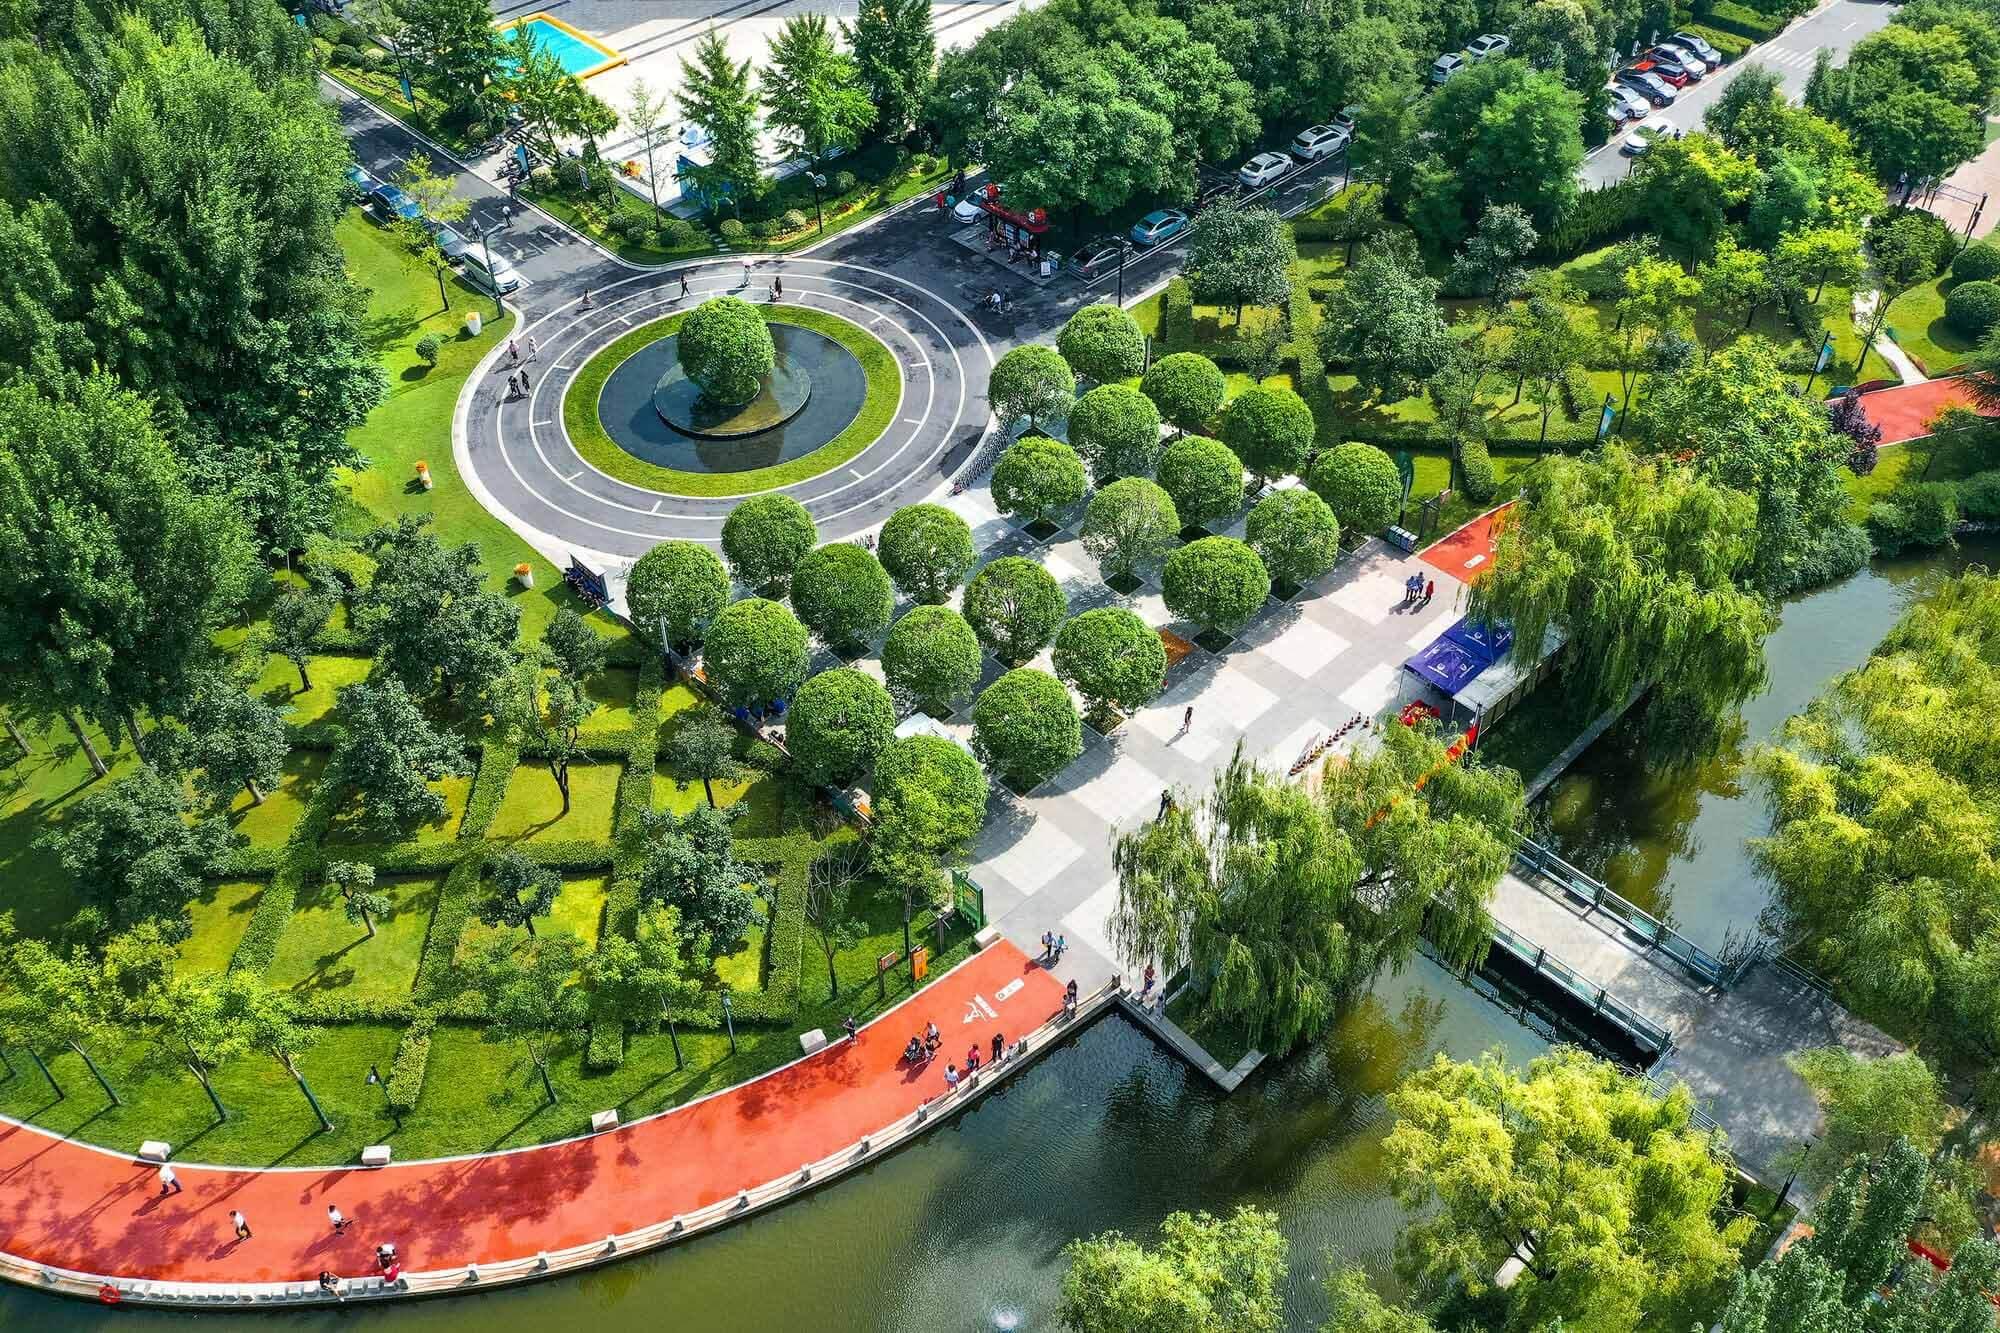 Проект улучшения ландшафта спортивного парка города Сиань / Северо-западный институт проектирования и исследований архитектуры Китая